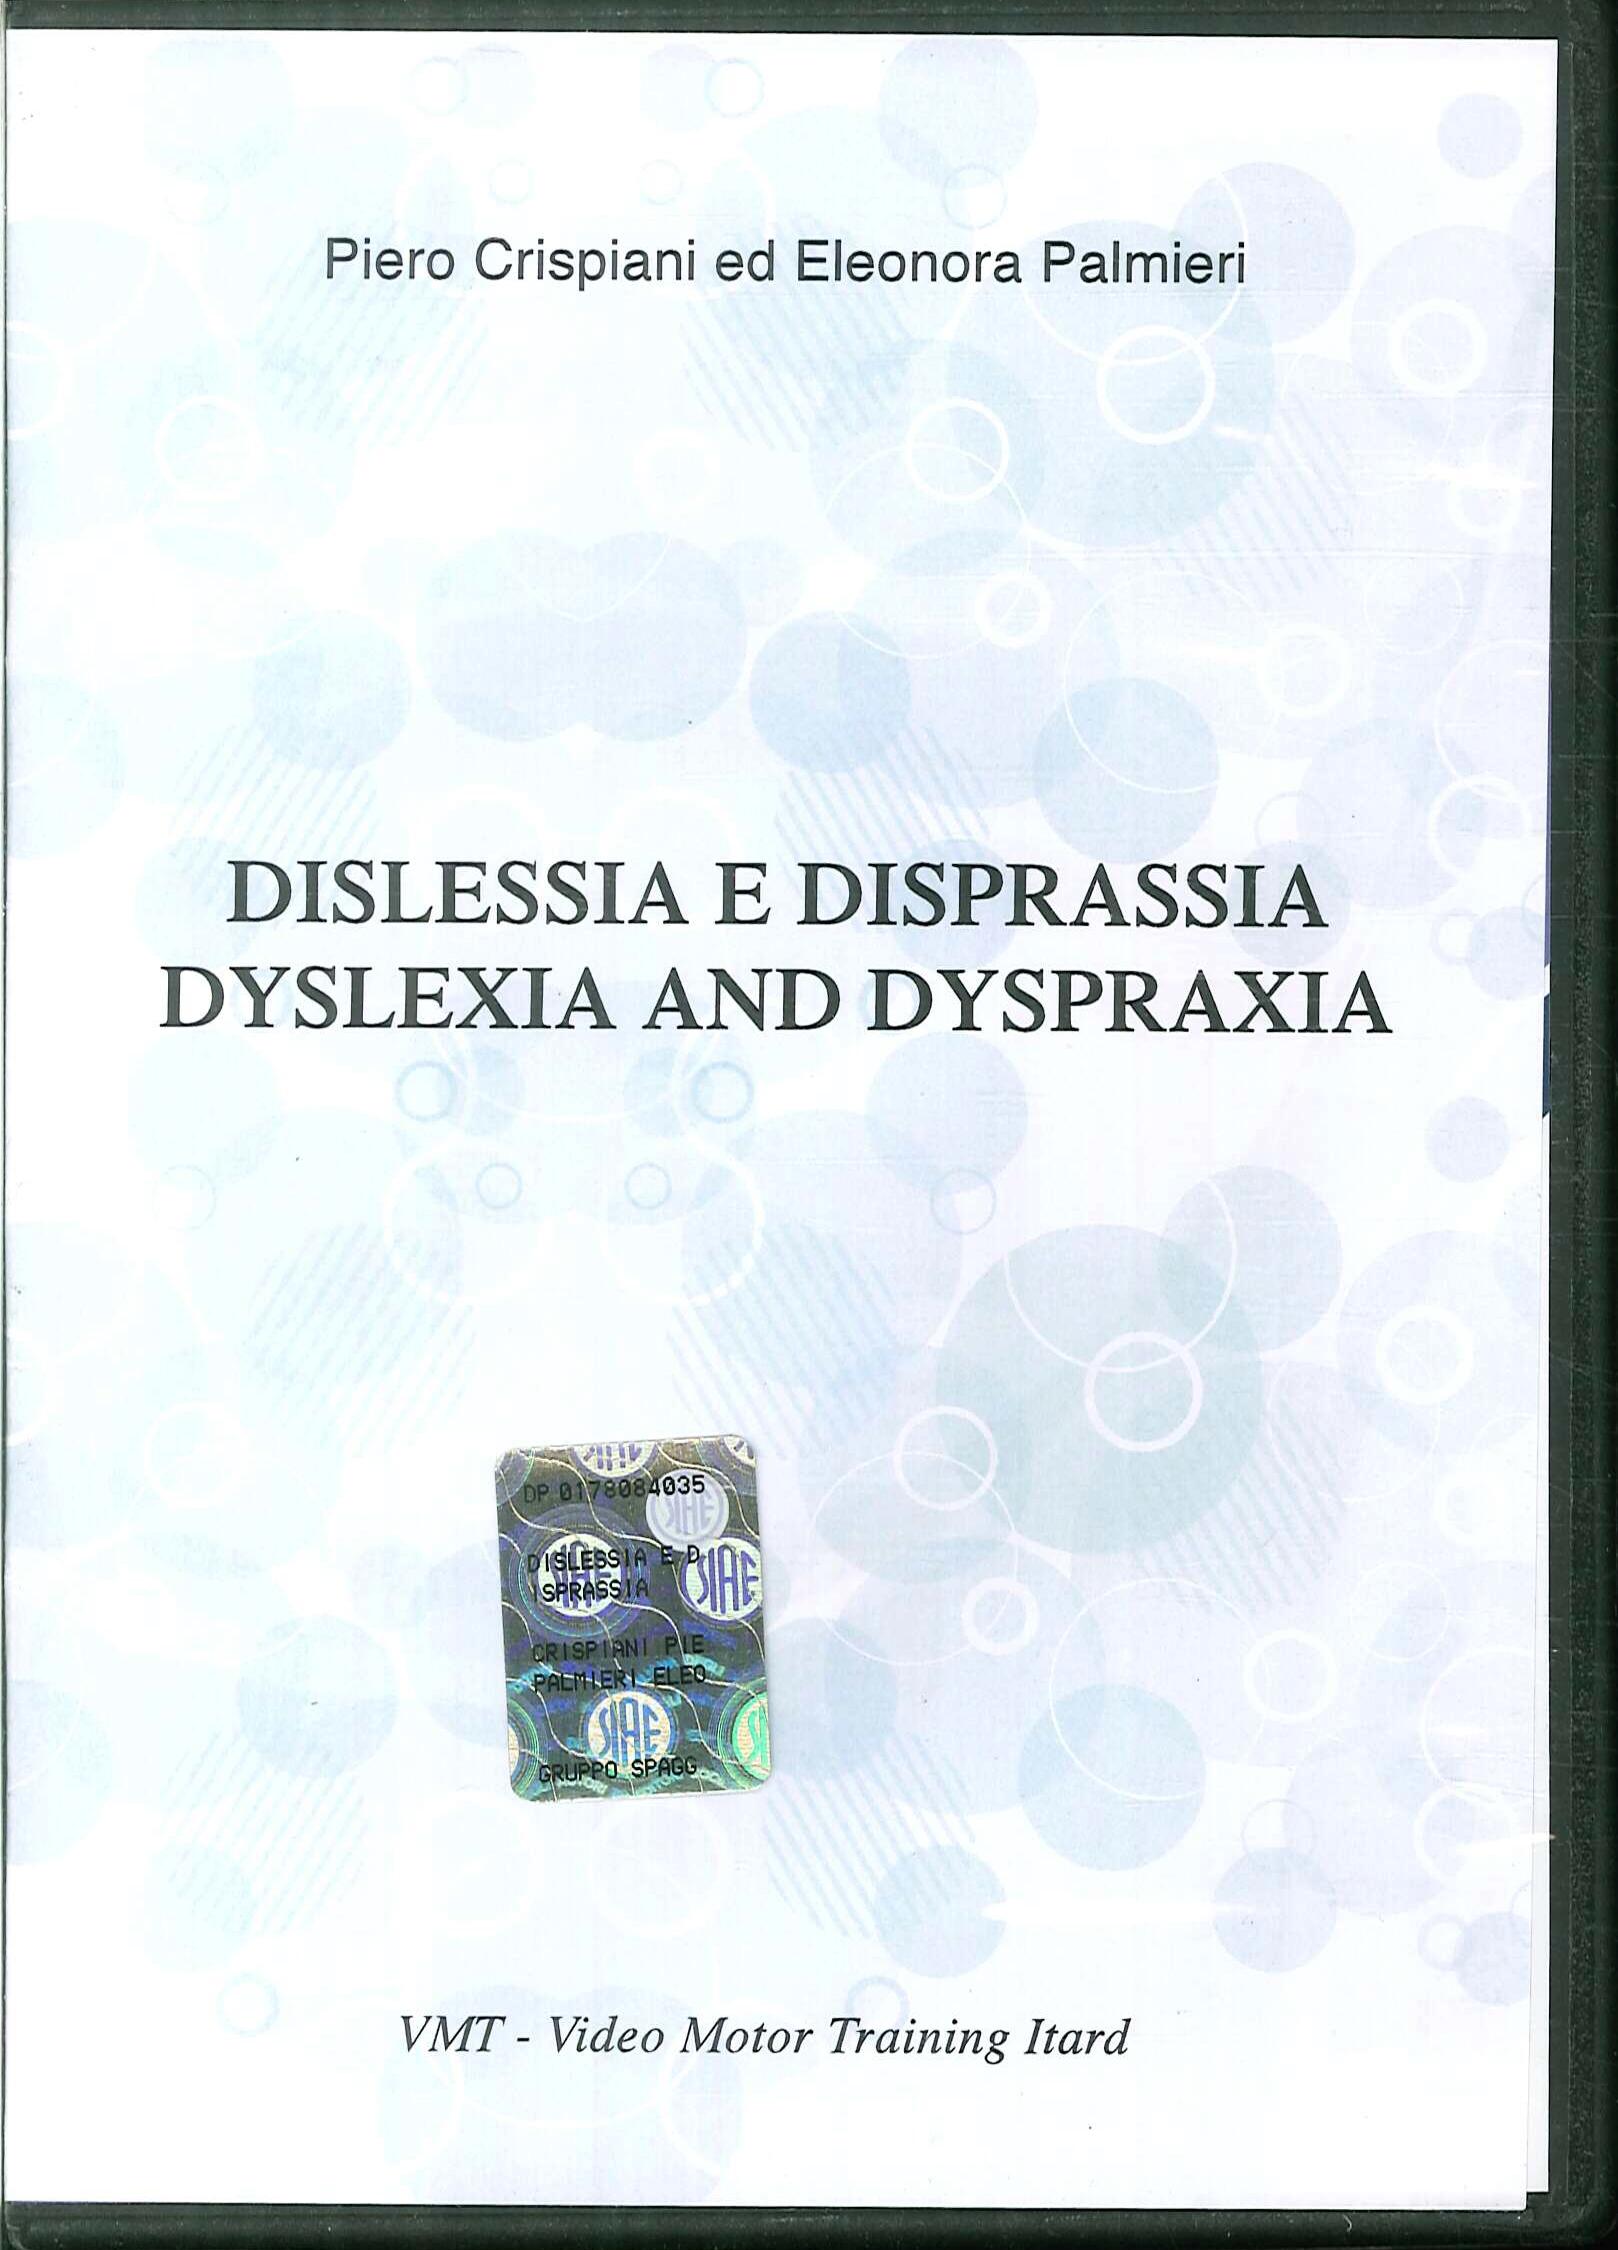 Dislessia e Disprassia. Dyslexia and Dyspraxia. DVD.